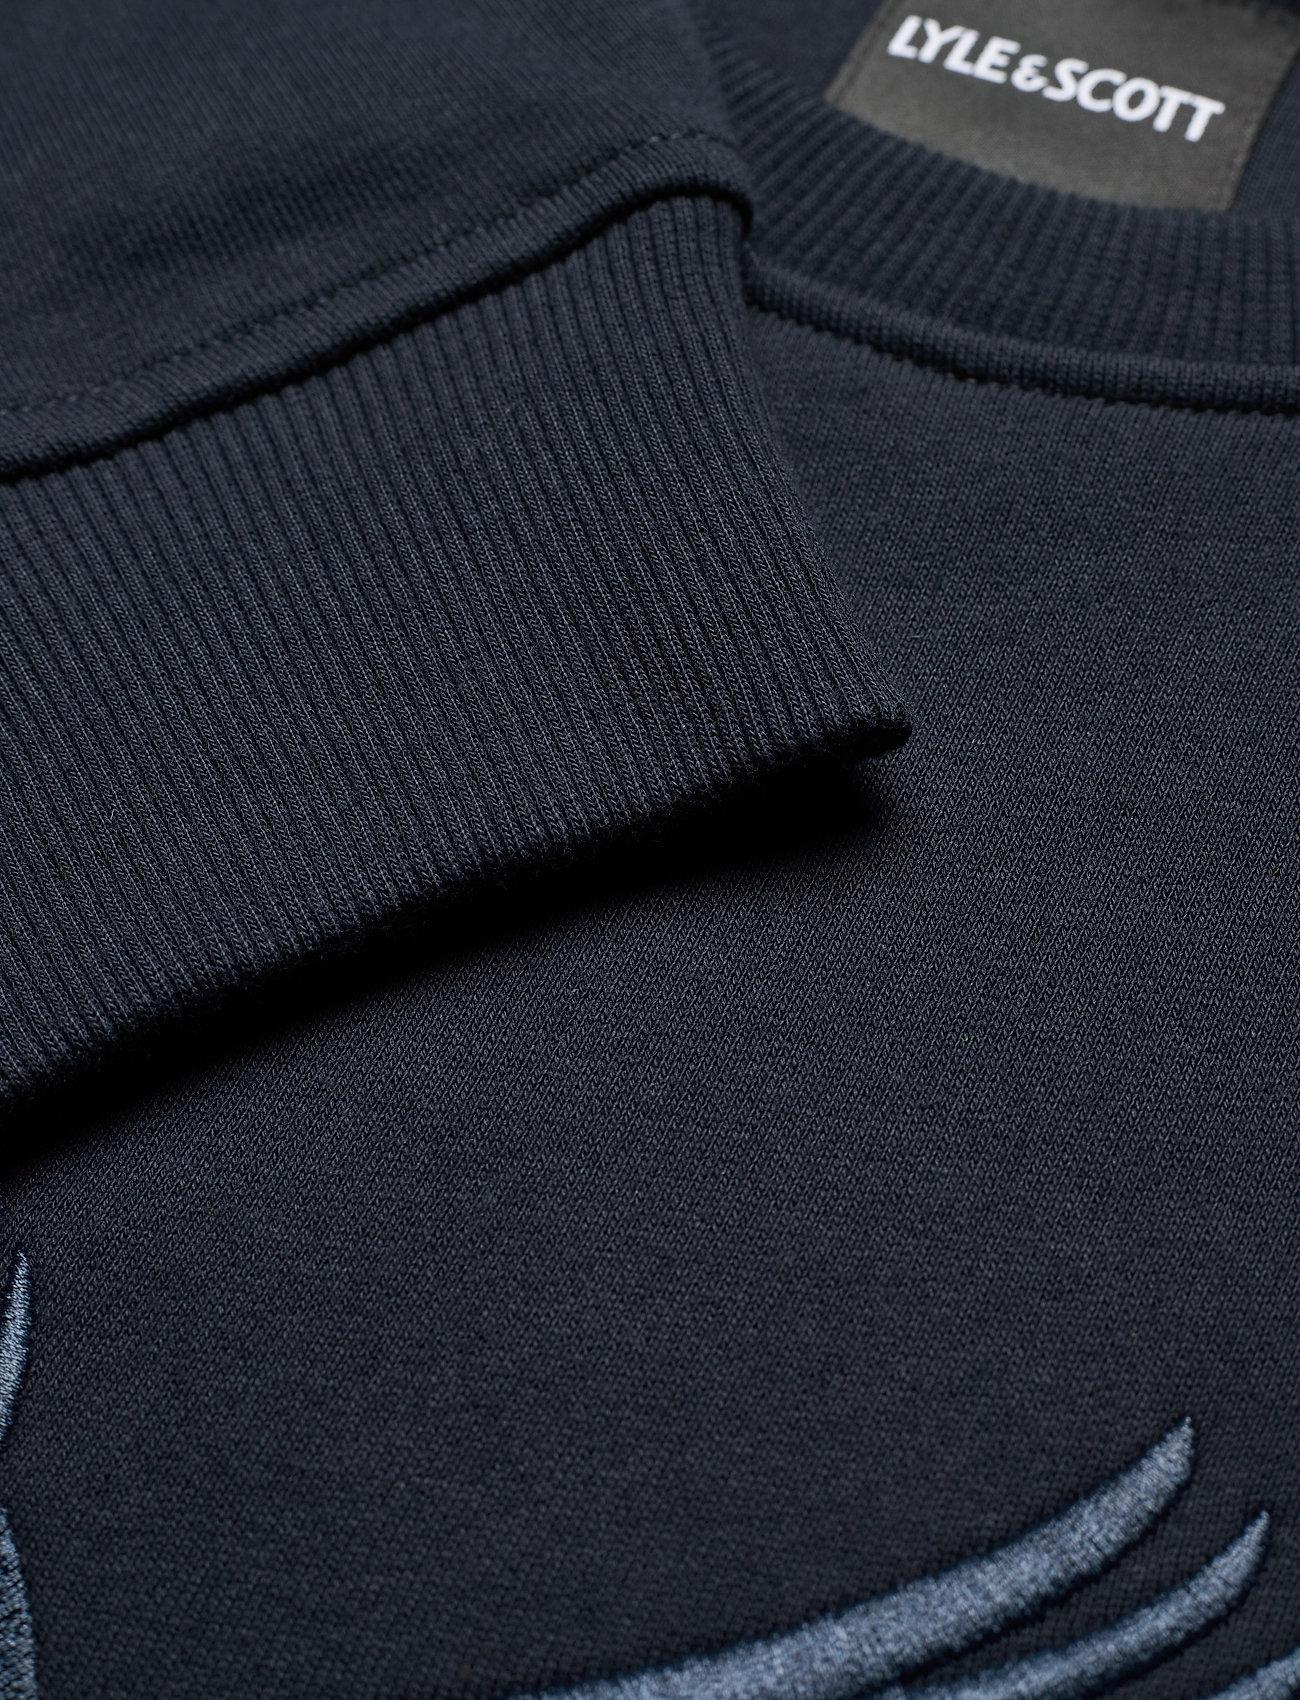 Lyle & Scott Embroidered Eagle Sweatshirt - Sweatshirts DARK NAVY - Menn Klær